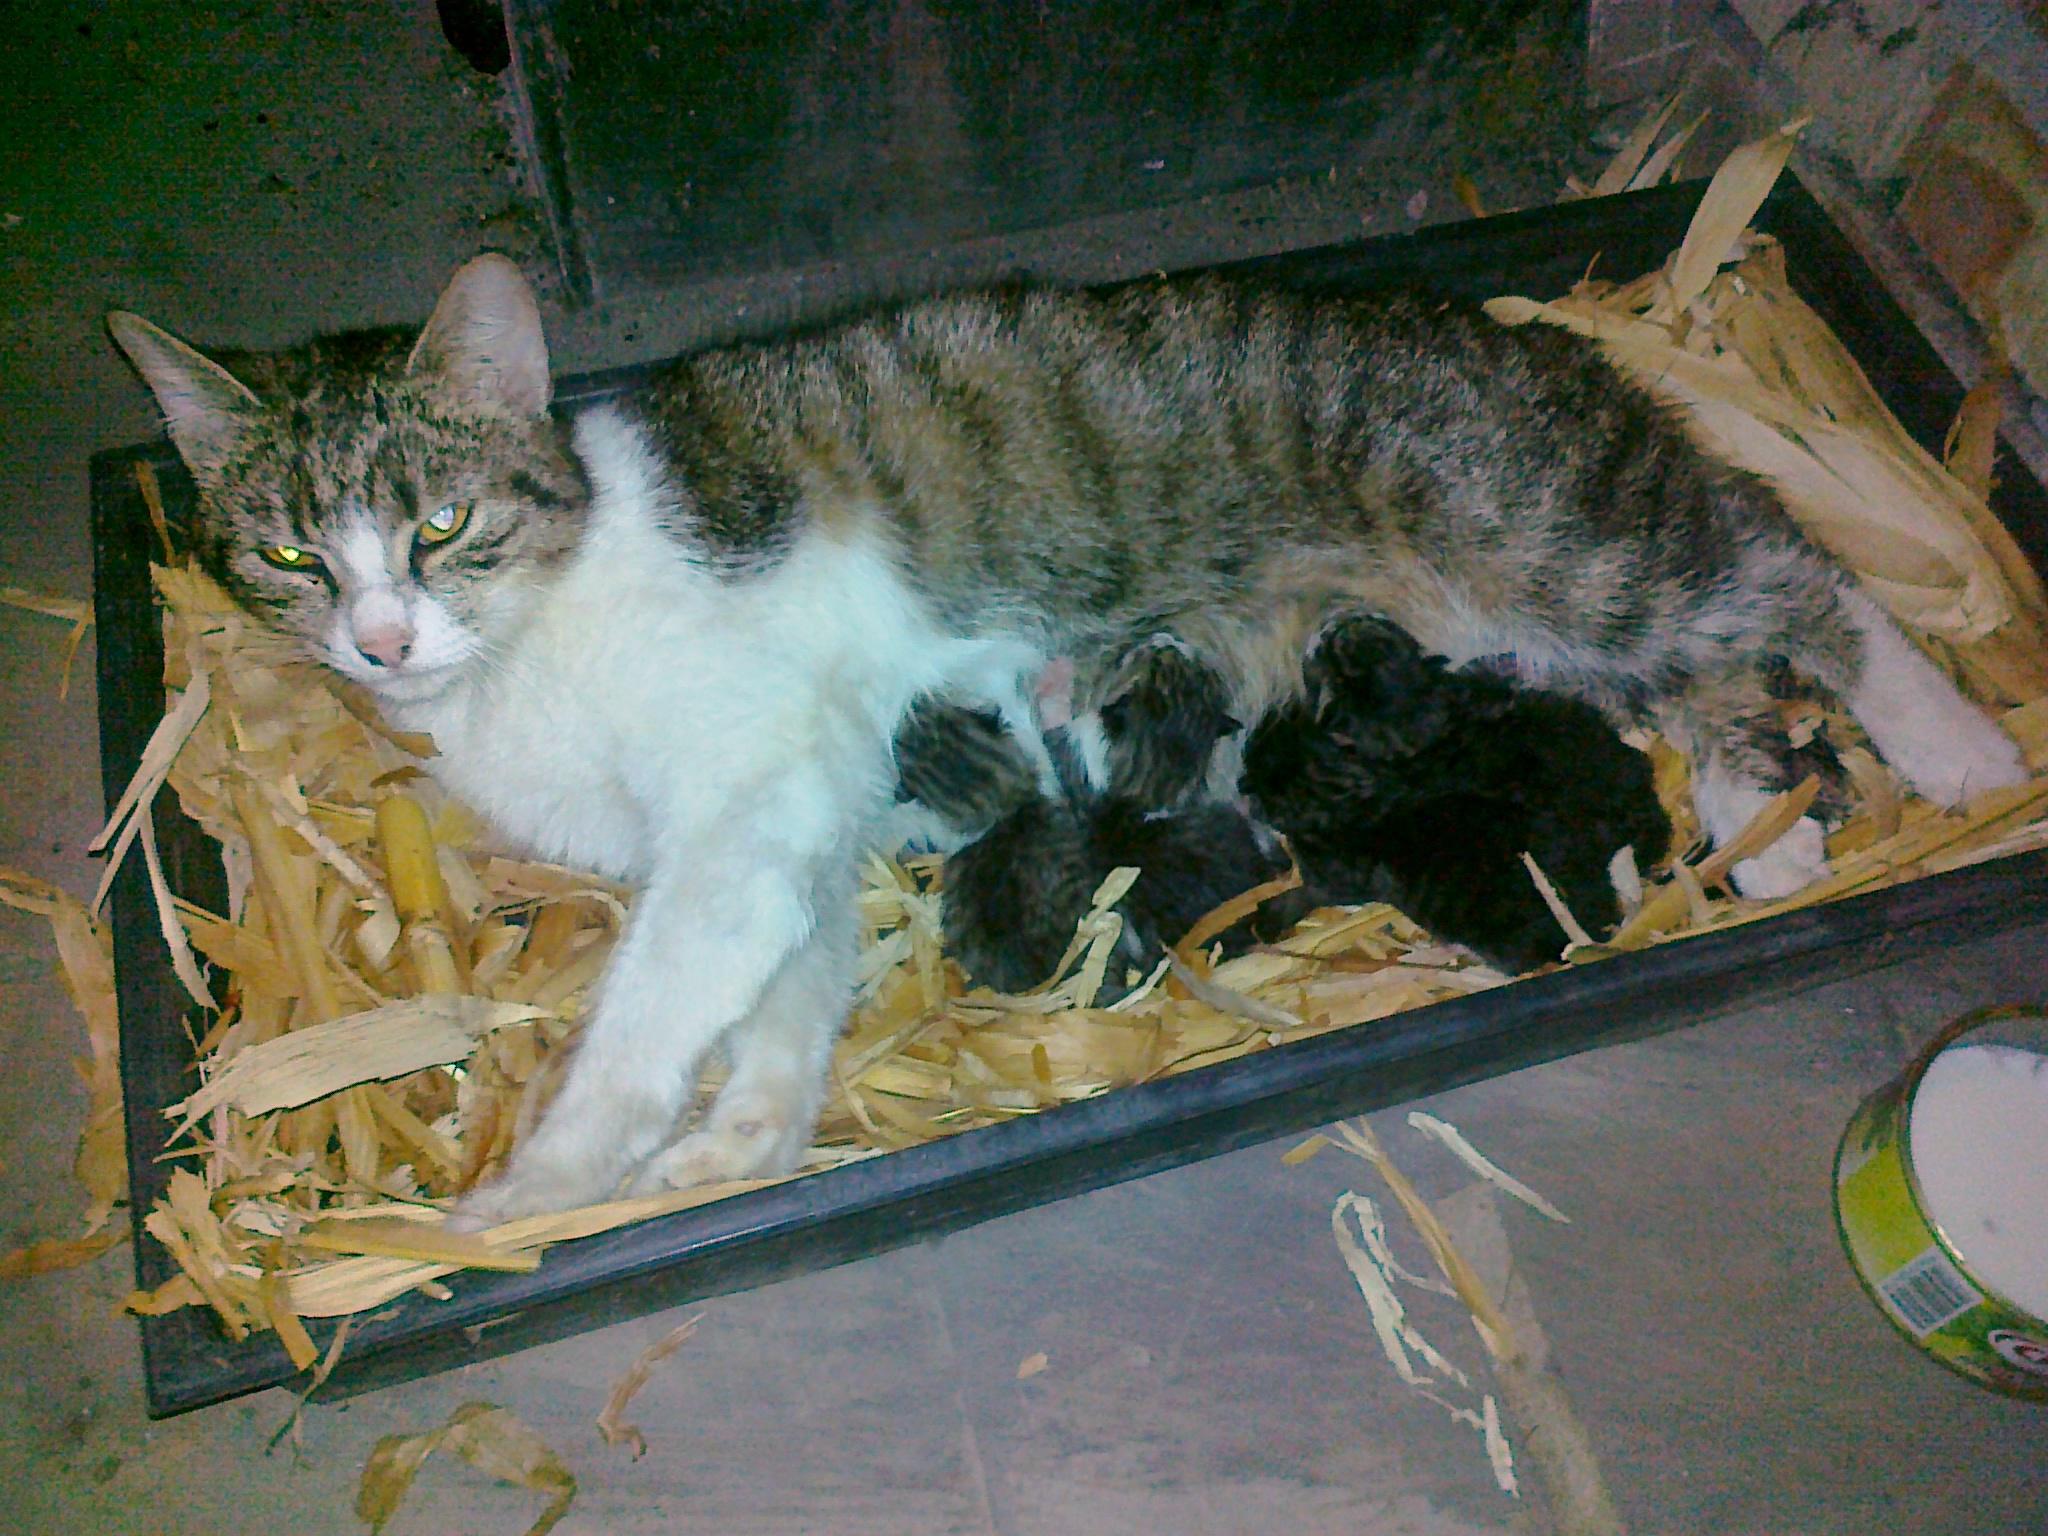 Titkár nevű cicánk négy újszülött kiscicájával. Cirmosak és egyiknek, másiknak van kis fehér mellénykéje.